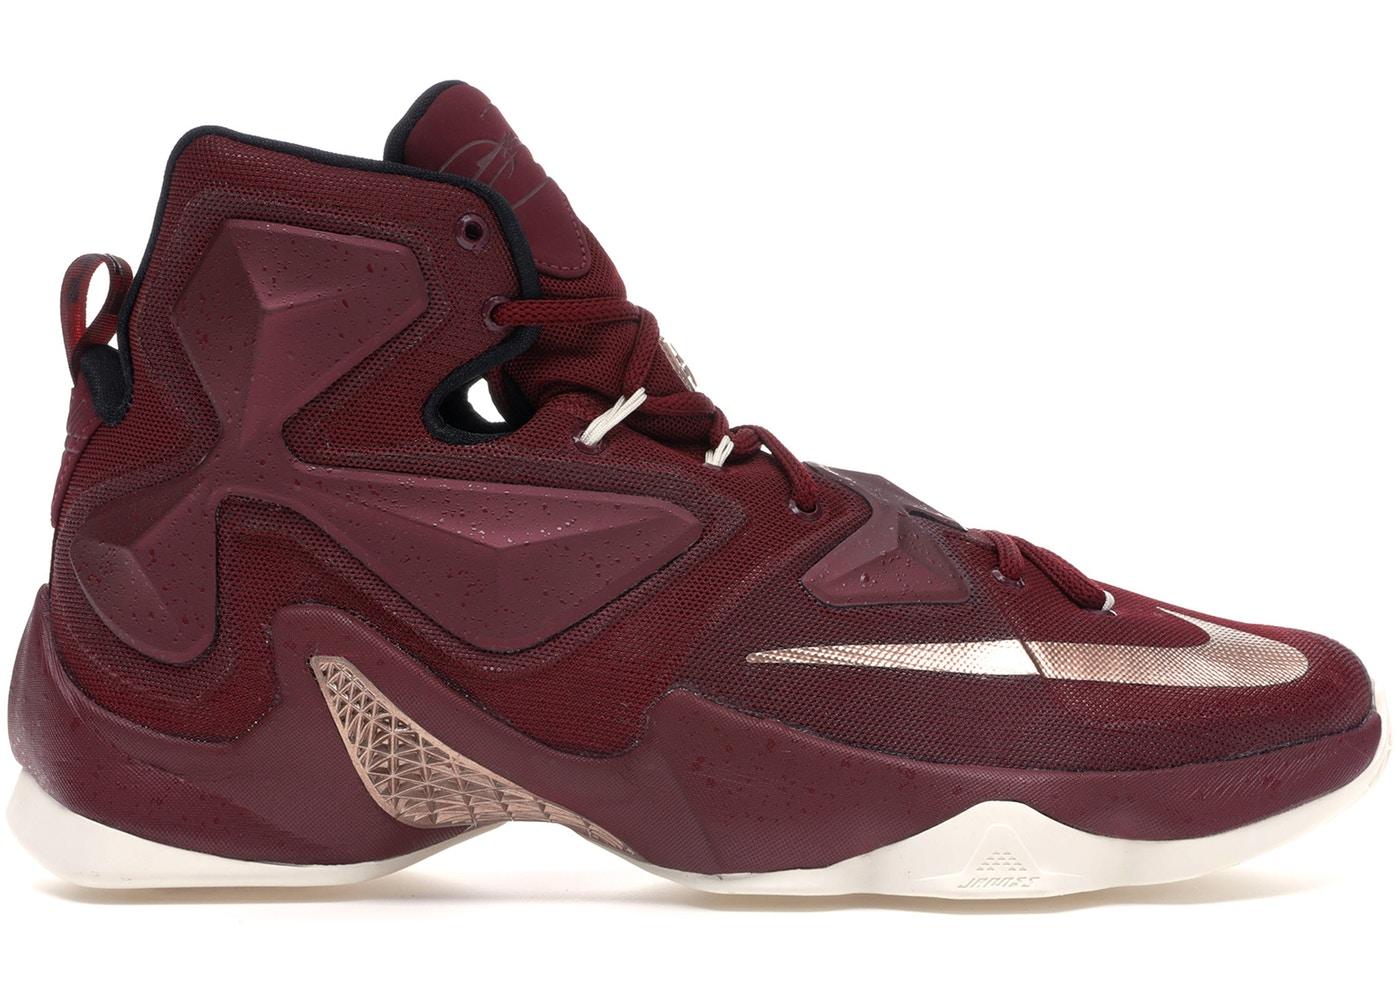 ナイキ メンズ レブロン13 Nike LeBron XIII 13